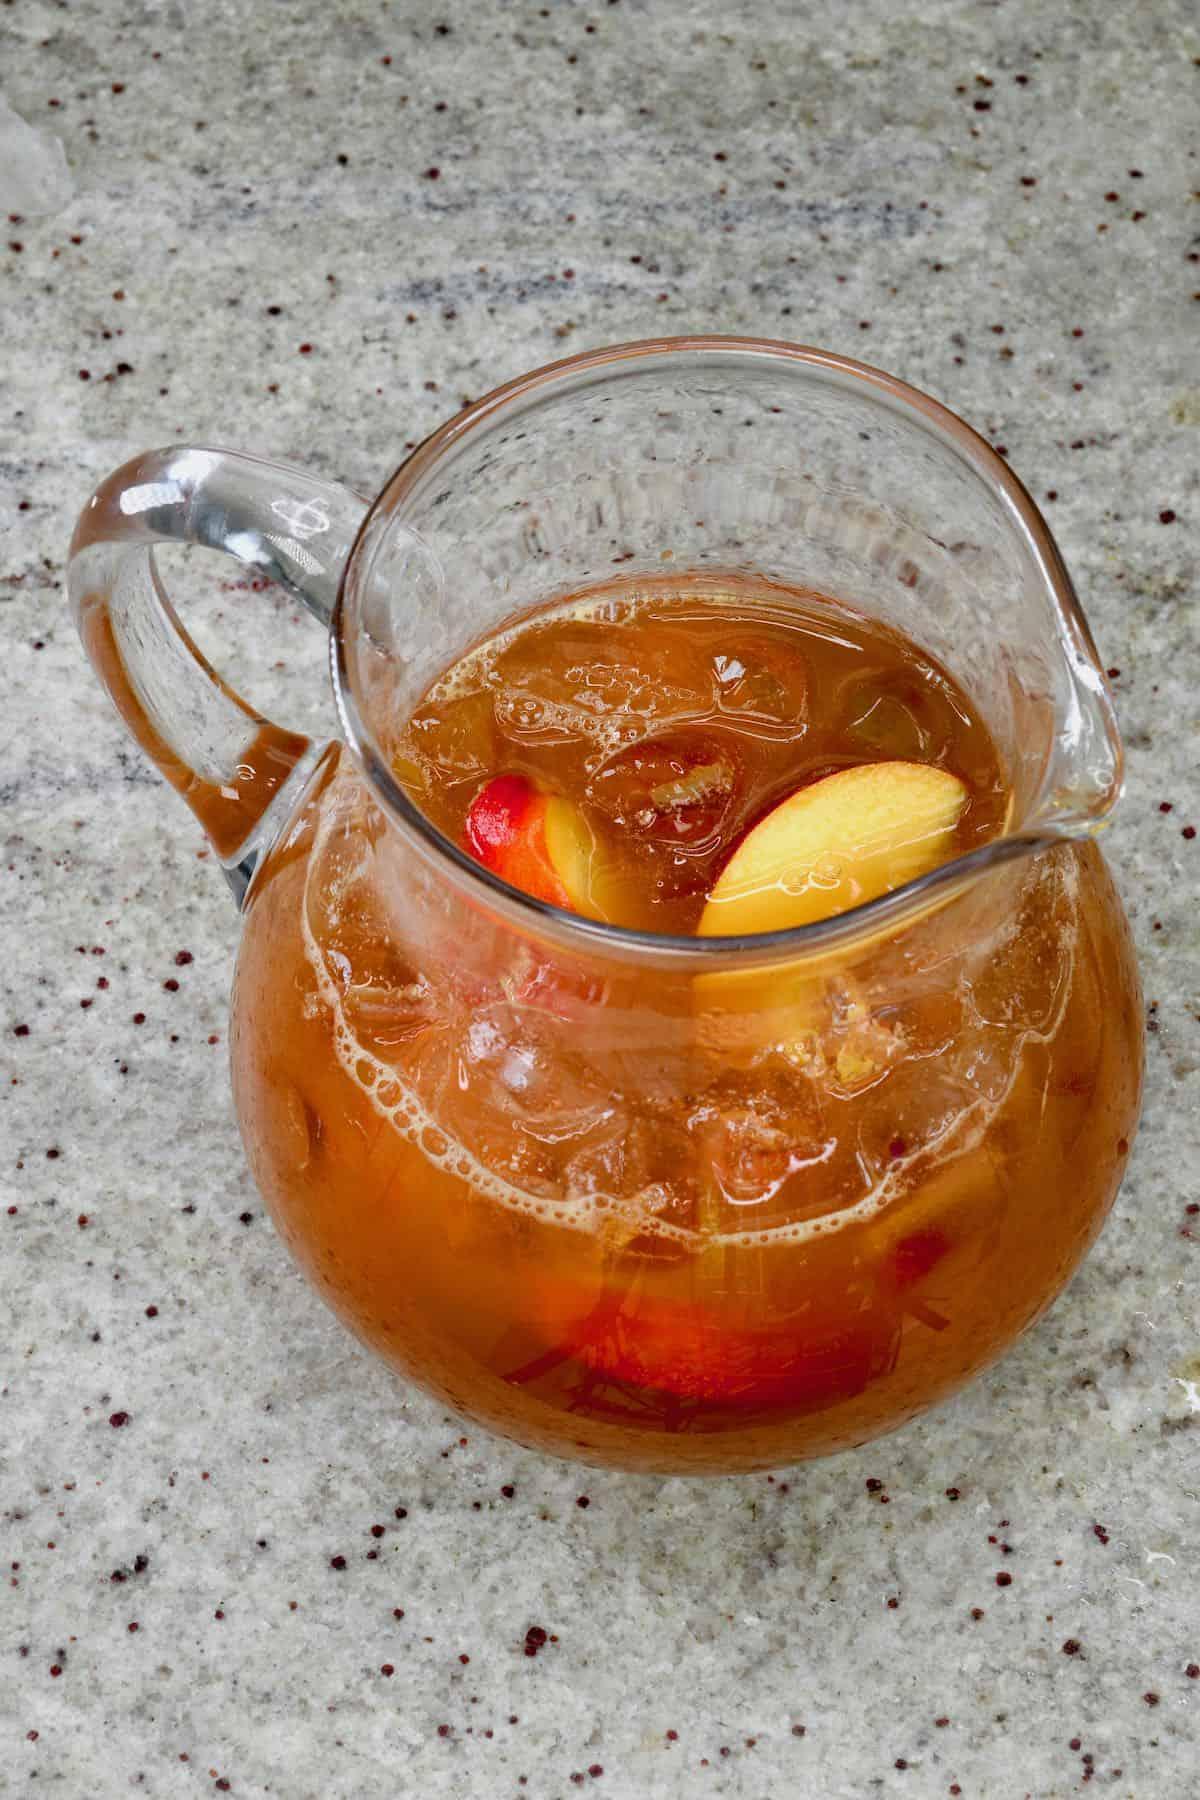 A jug with peach ice tea